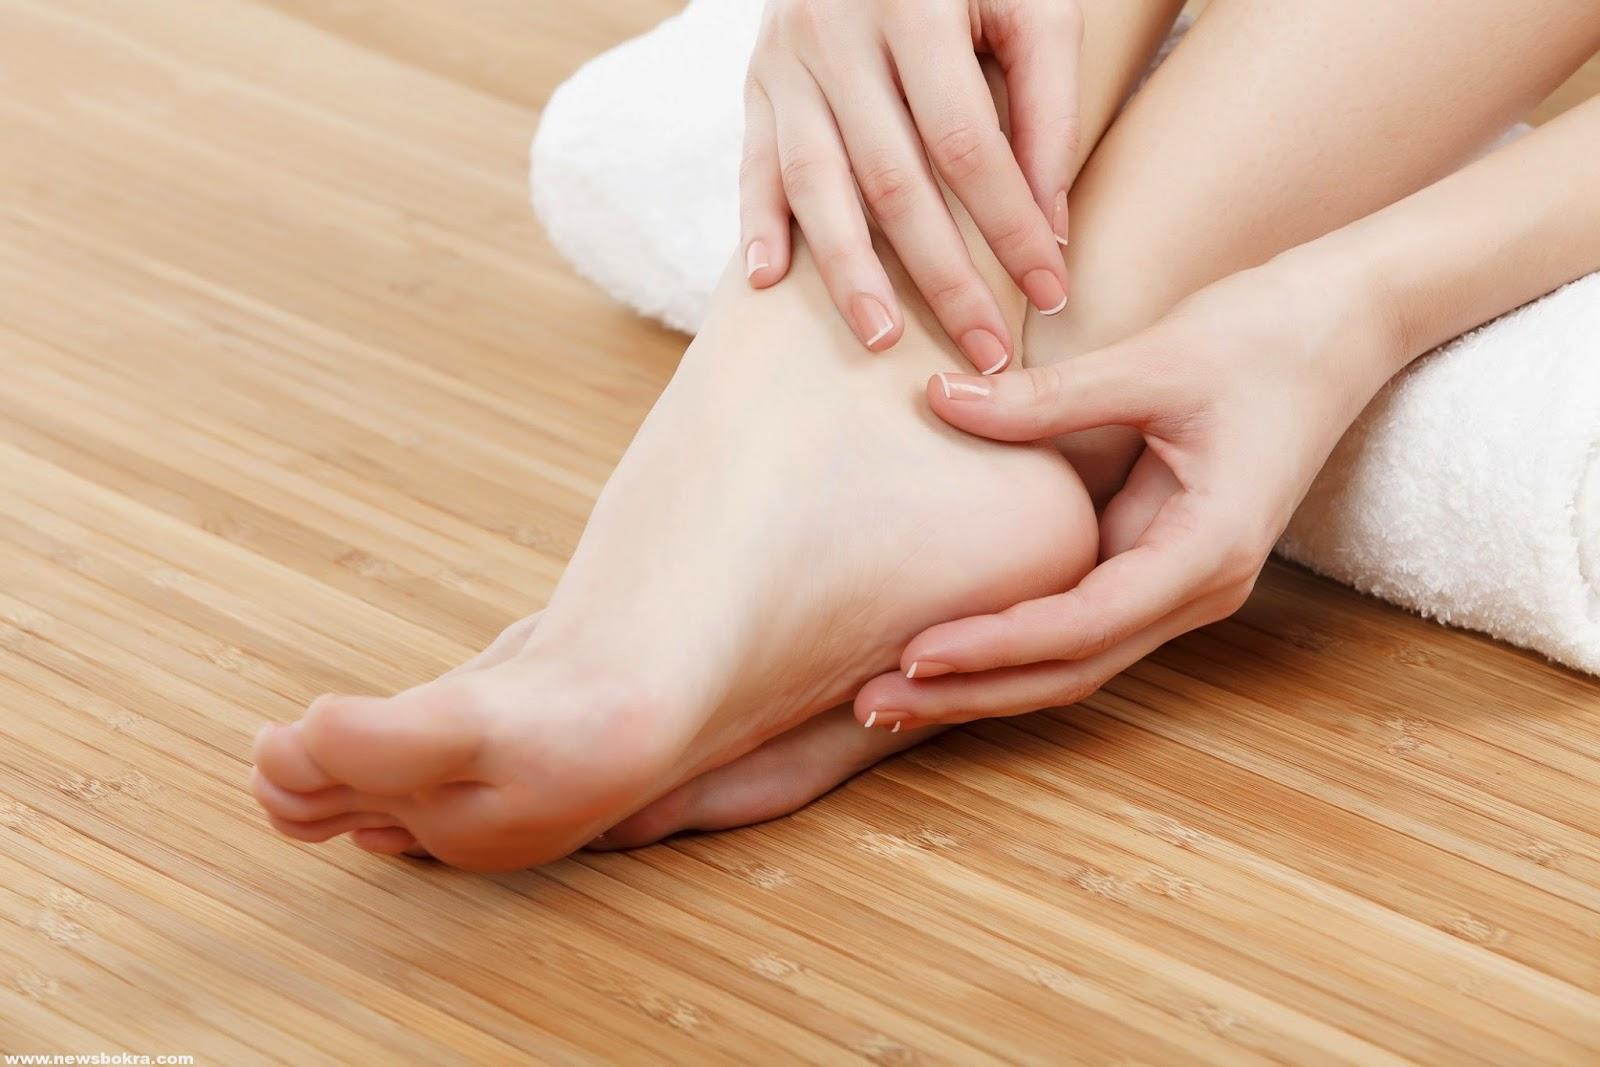 Các biện pháp giữ gìn sức khỏe đôi bàn chân